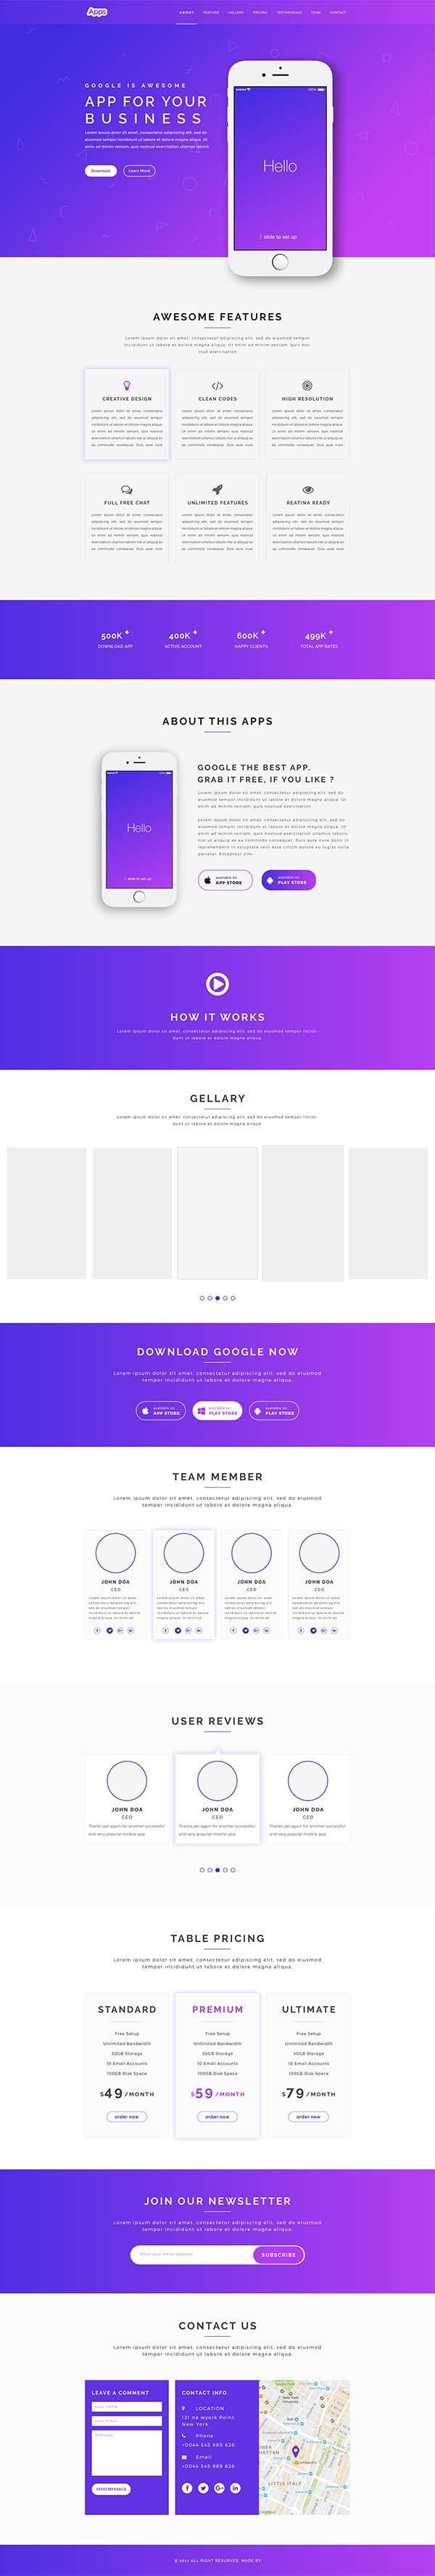 网页设计,网页模板,网页界面,界面设计,网页版式,版式设计,网页布局